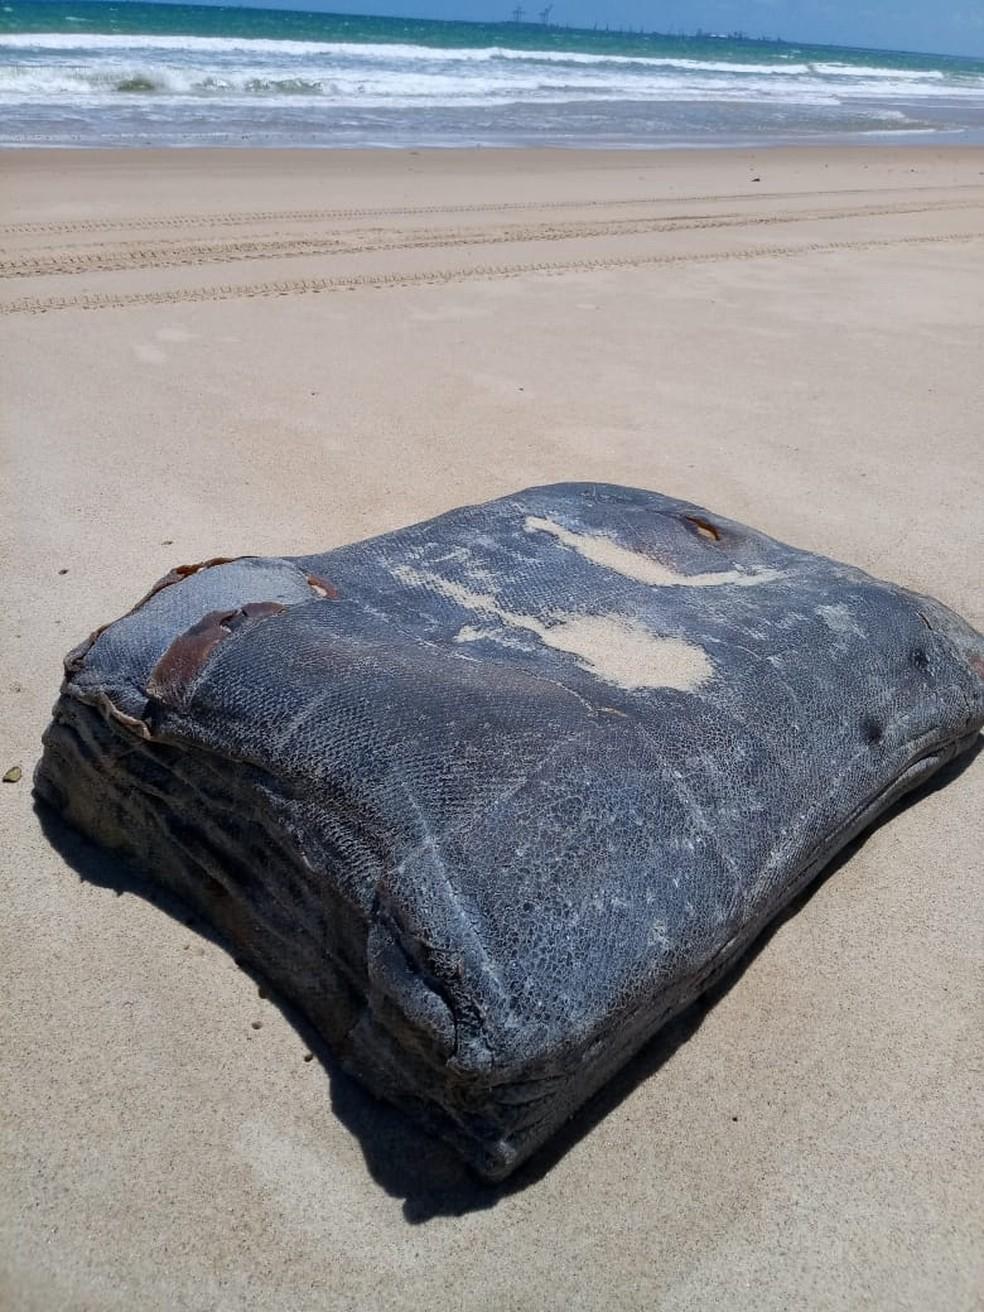 """Mais """"caixas misteriosas"""" são encontradas no Litoral do Ceará, em São Gonçalo do Amarante. — Foto: José Cláudio de Araújo/ Arquivo Pessoal"""